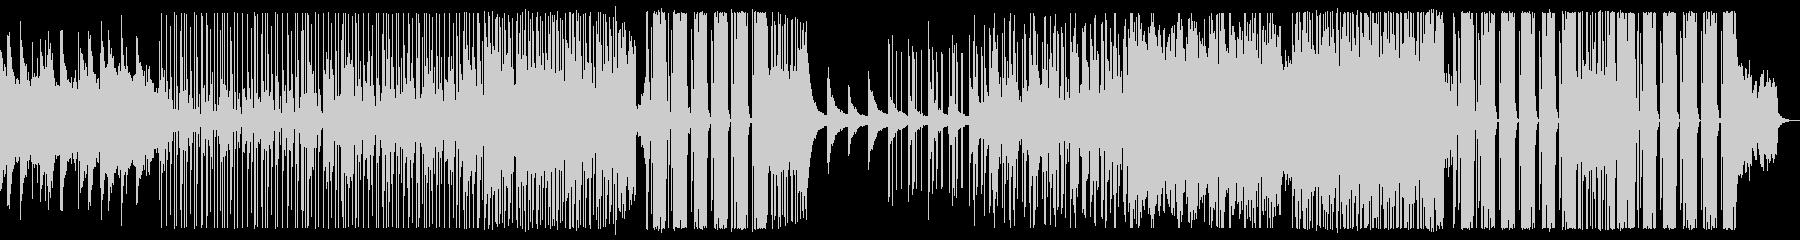 元気になる汎用的なエレクトロBGMの未再生の波形